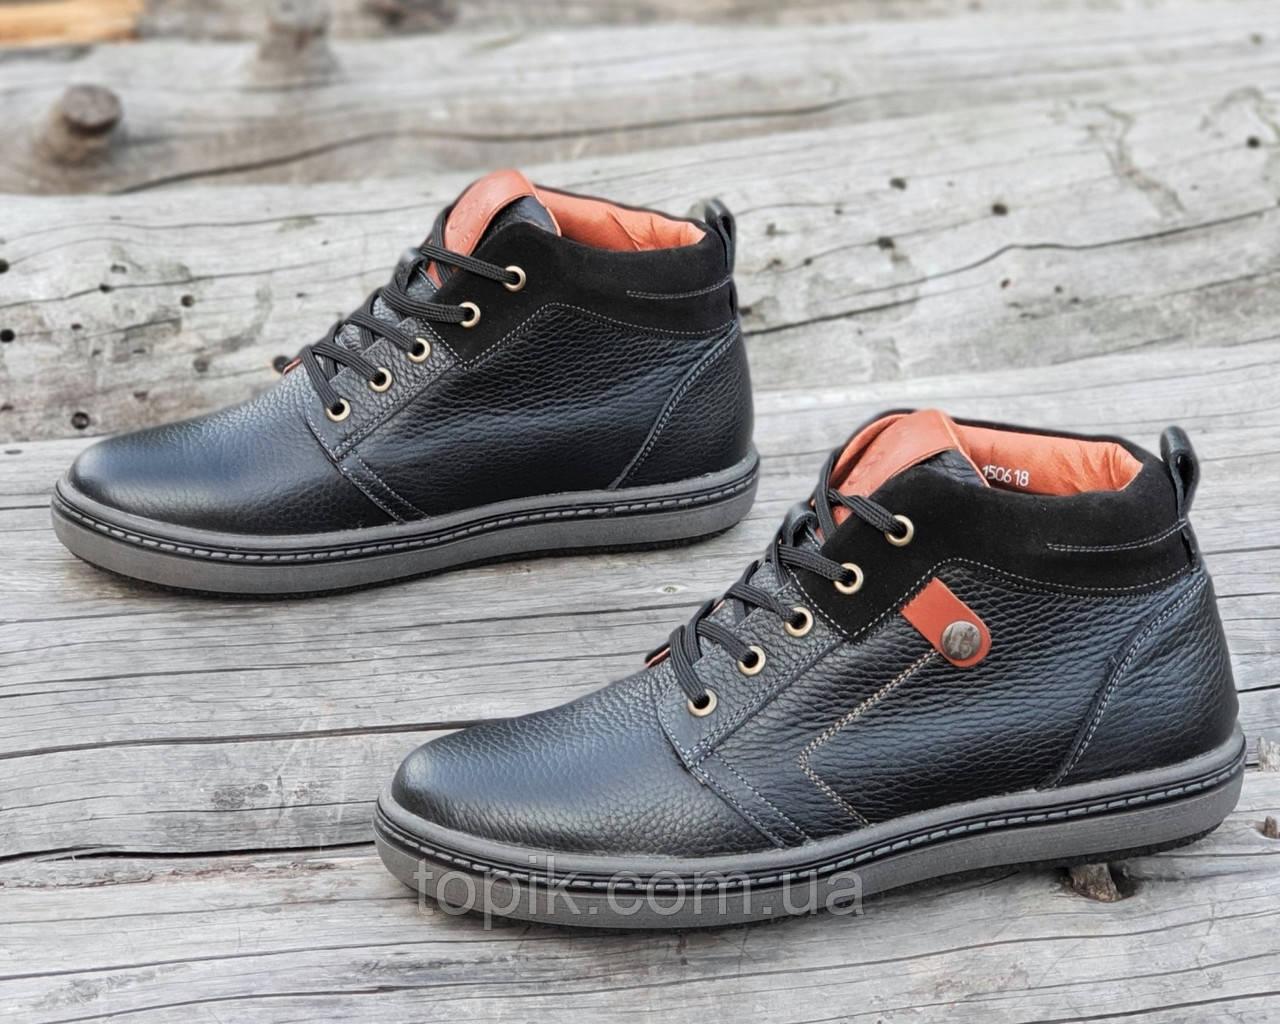 Зимние полуботинки ботинки классические мужские кожаные черные прошиты толстая подошва полиуретан (Код: 1272a)